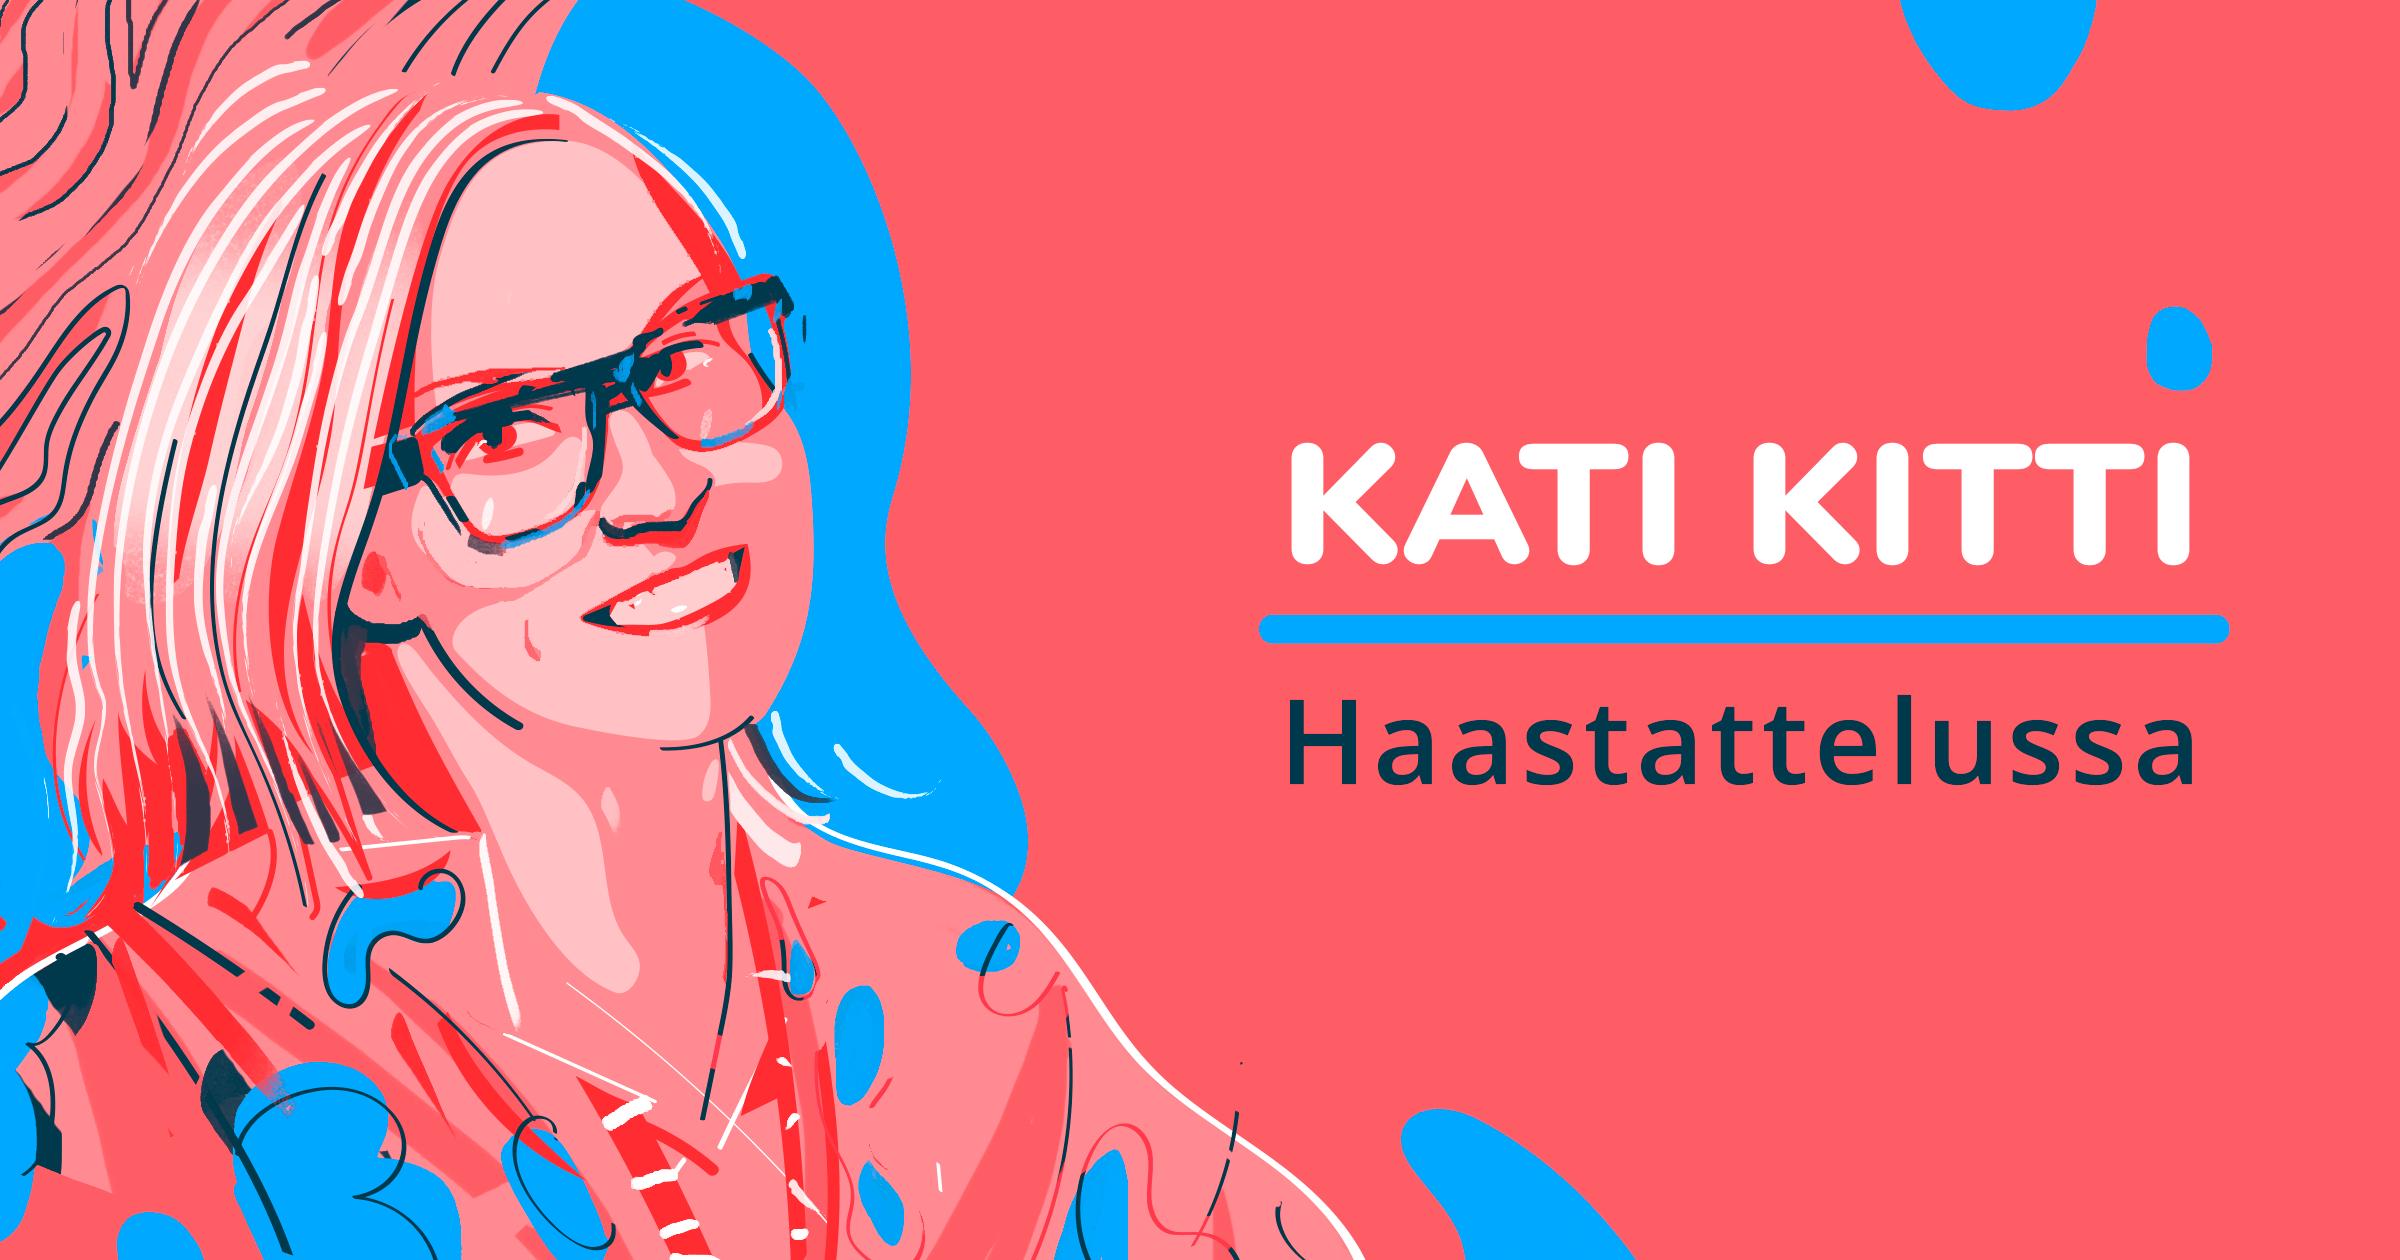 Kati Kitti